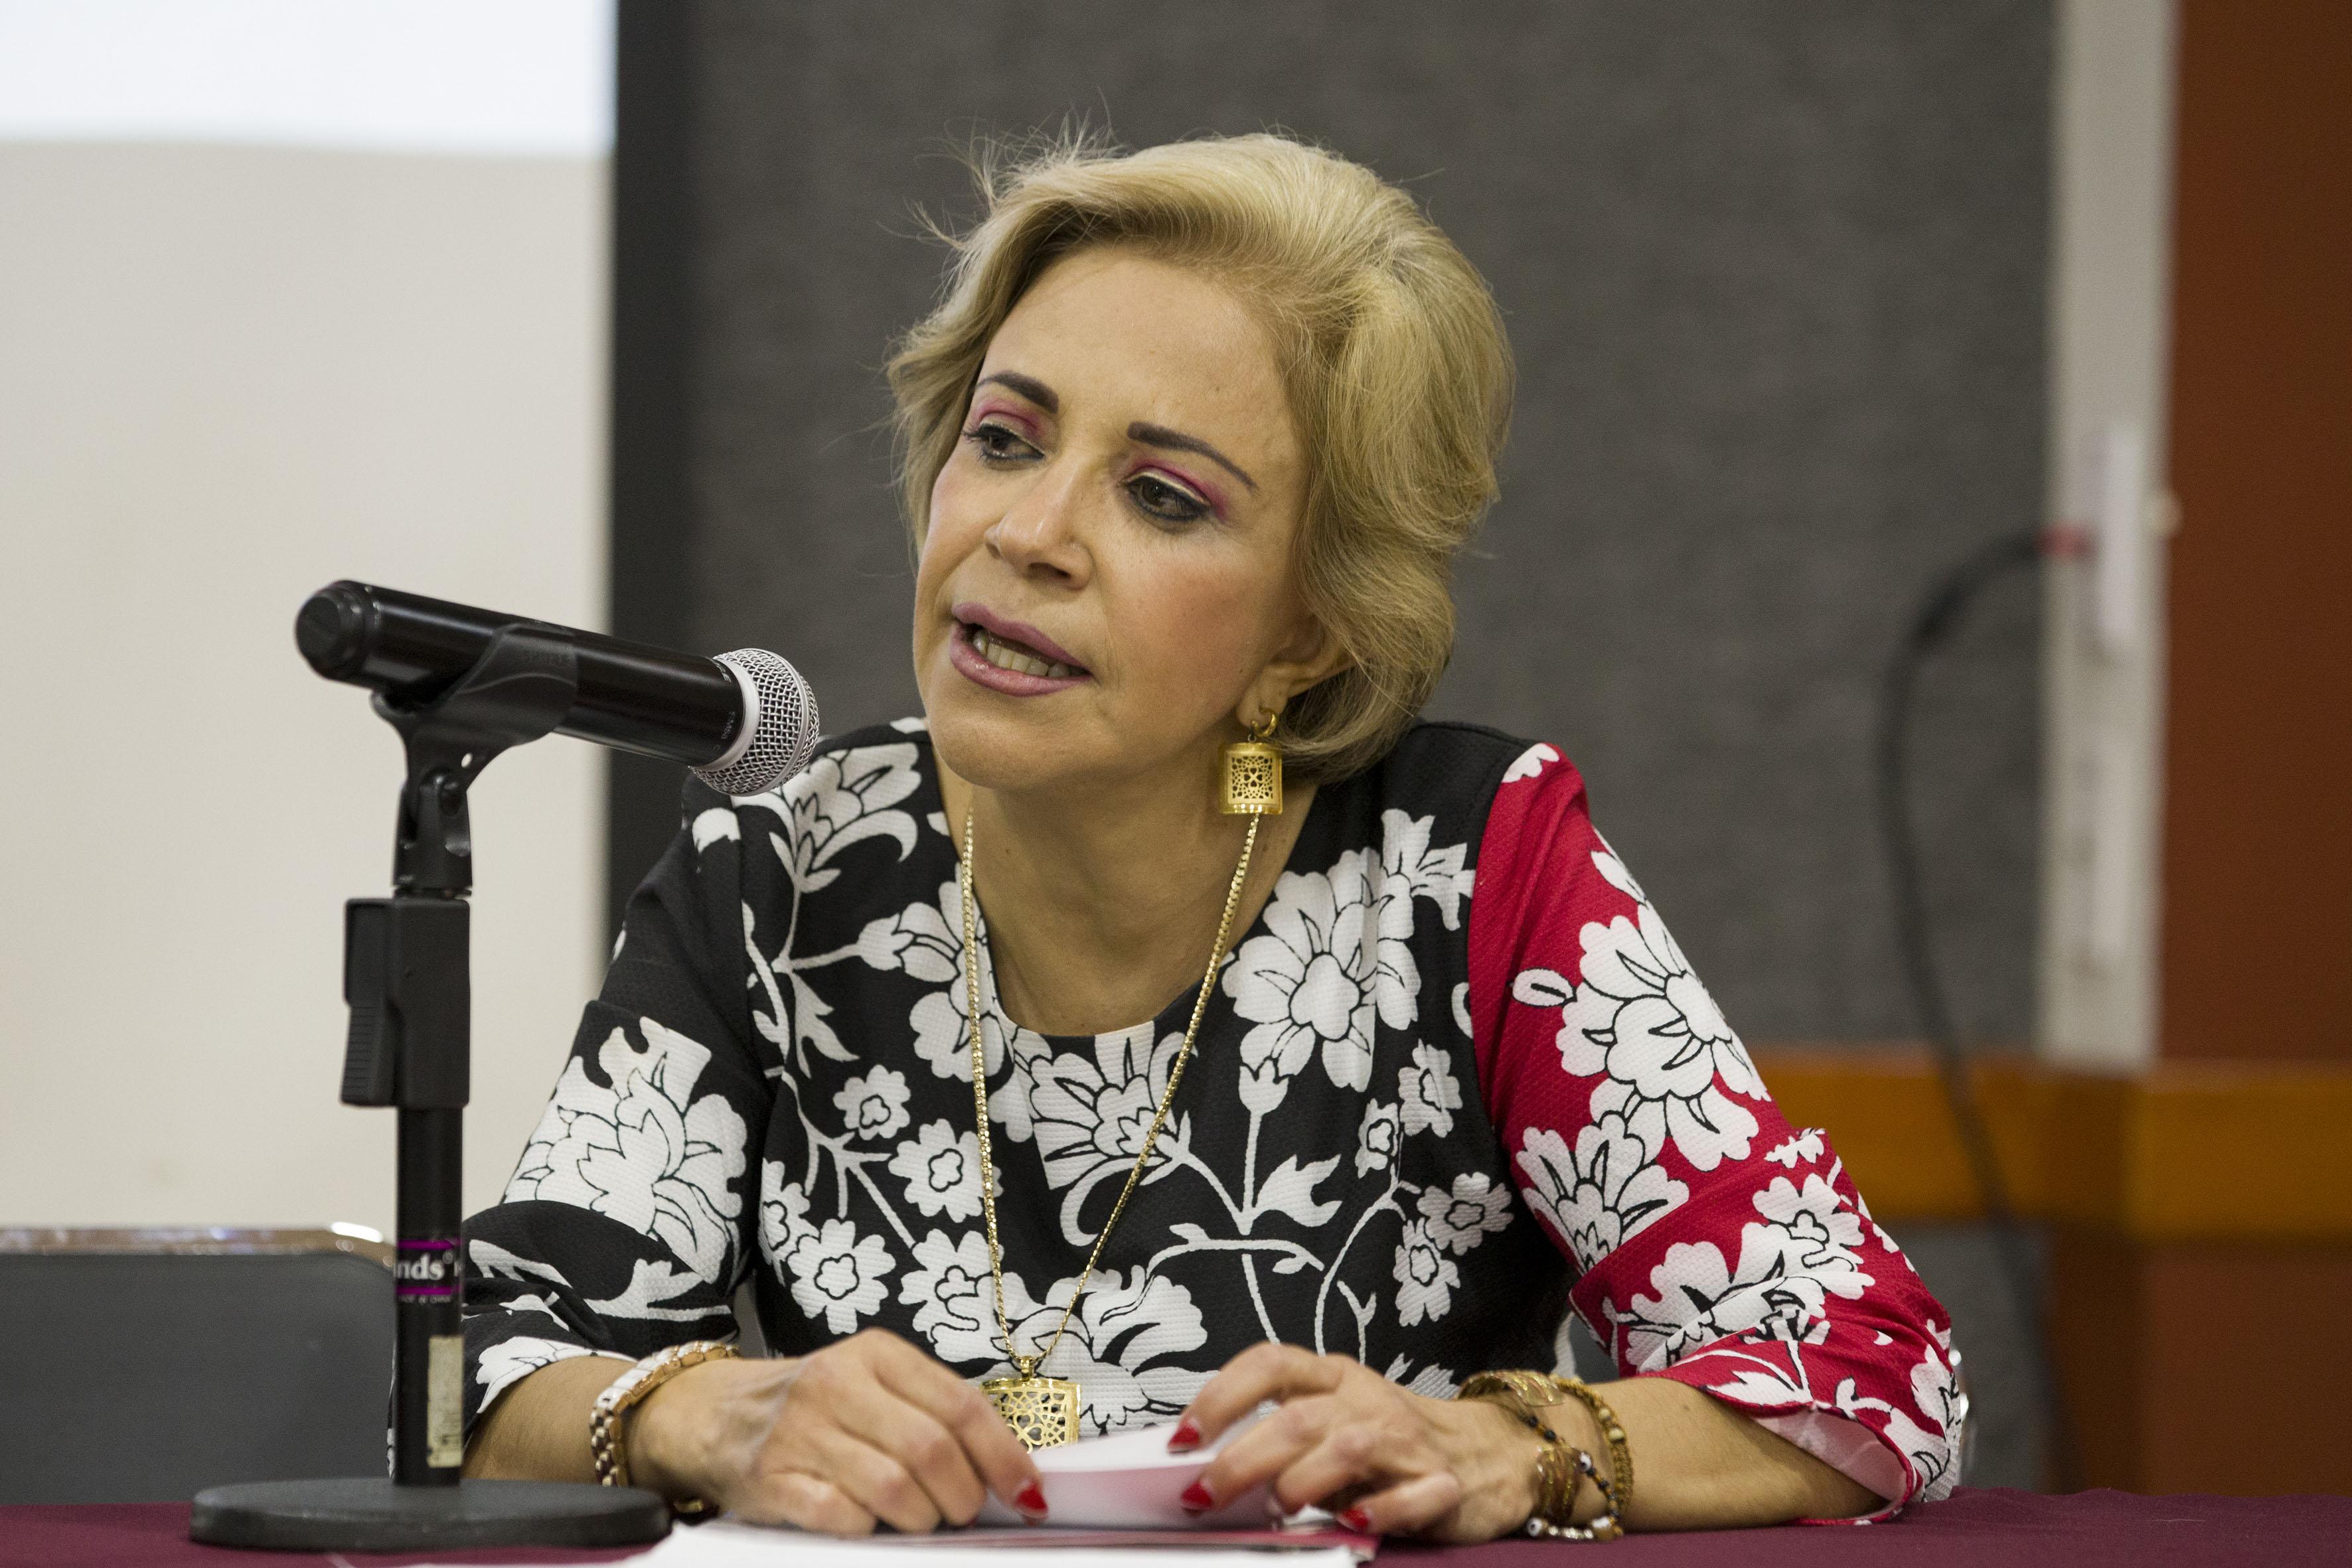 Maestra María Dolores Lomelí Urquieta, Directora de la Preparatoria 15, haciendo uso de la palabra durante foro de discusión.